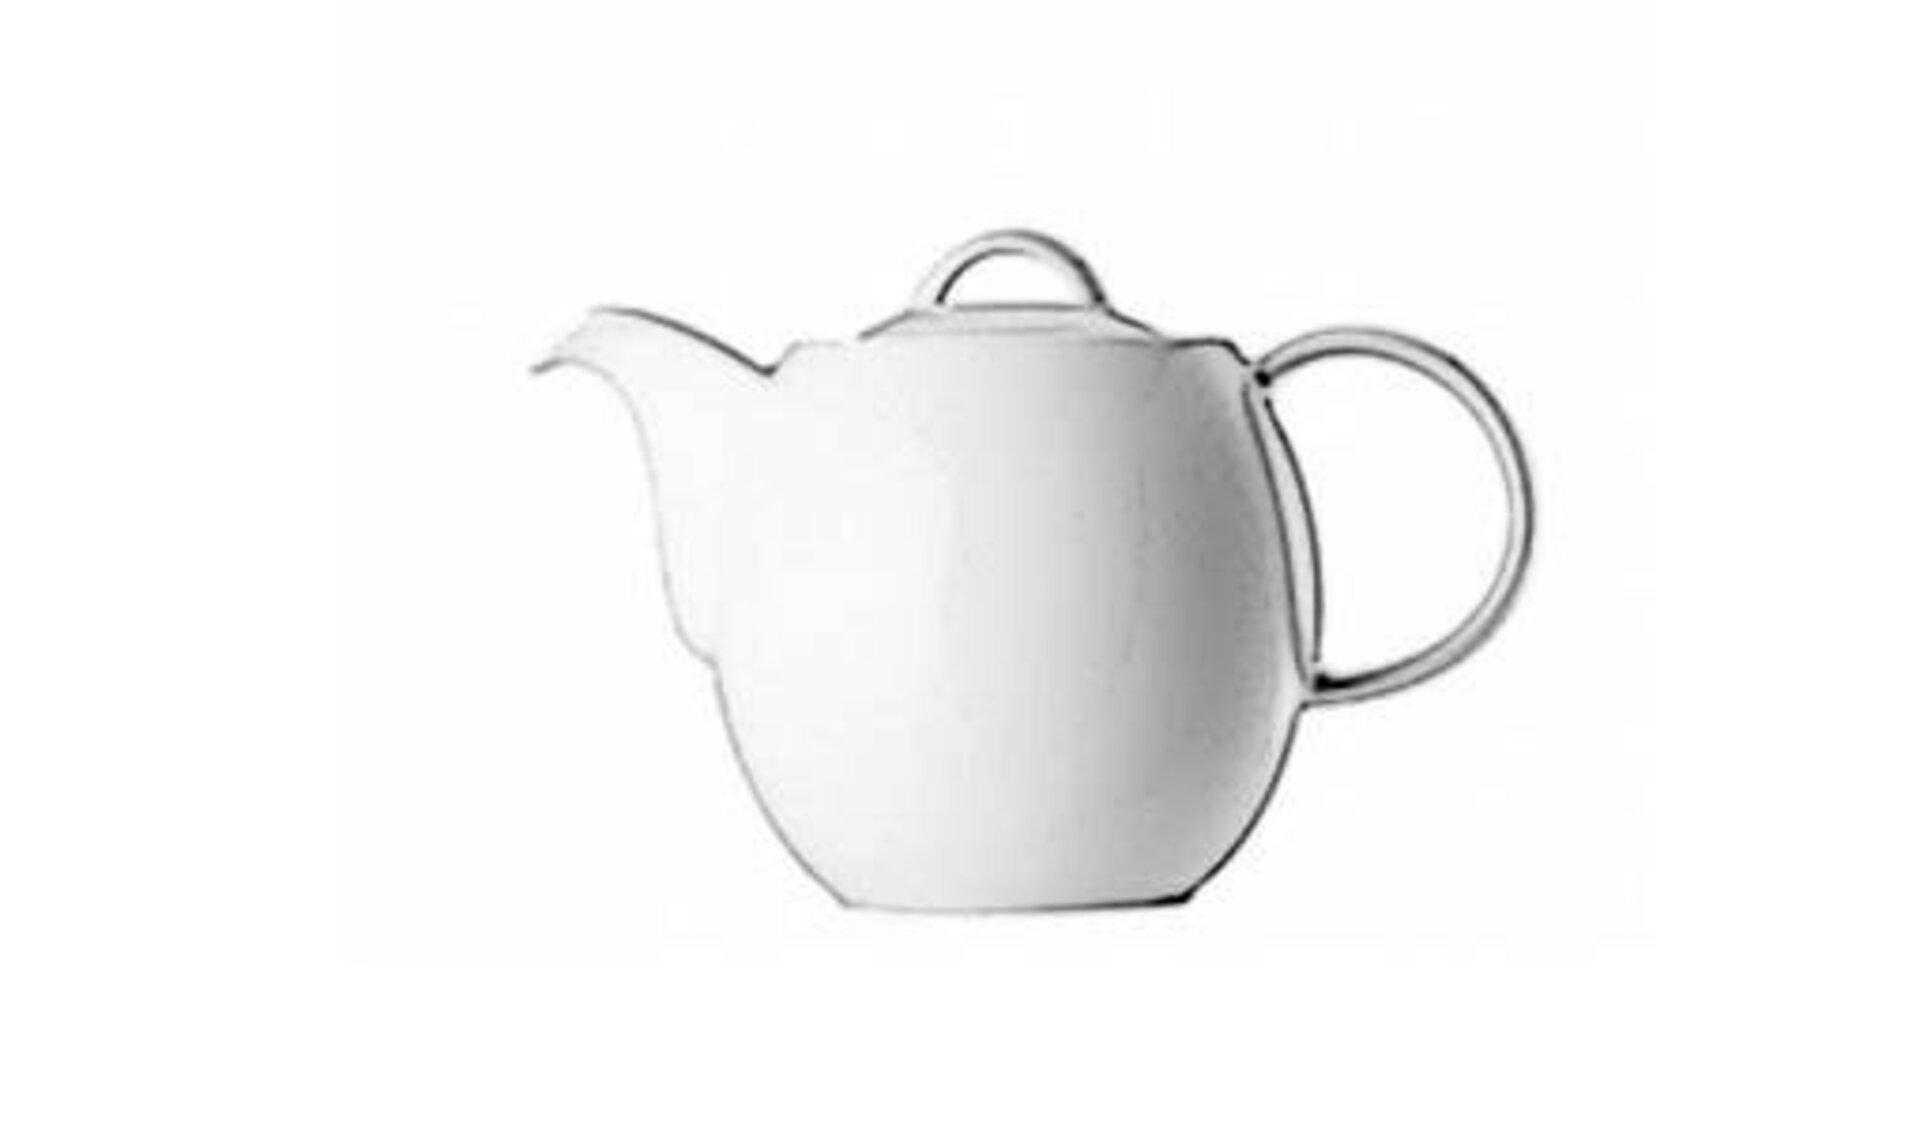 Weiße Teekanne mit dickem Bauch dient als Icon für alle Kannen.